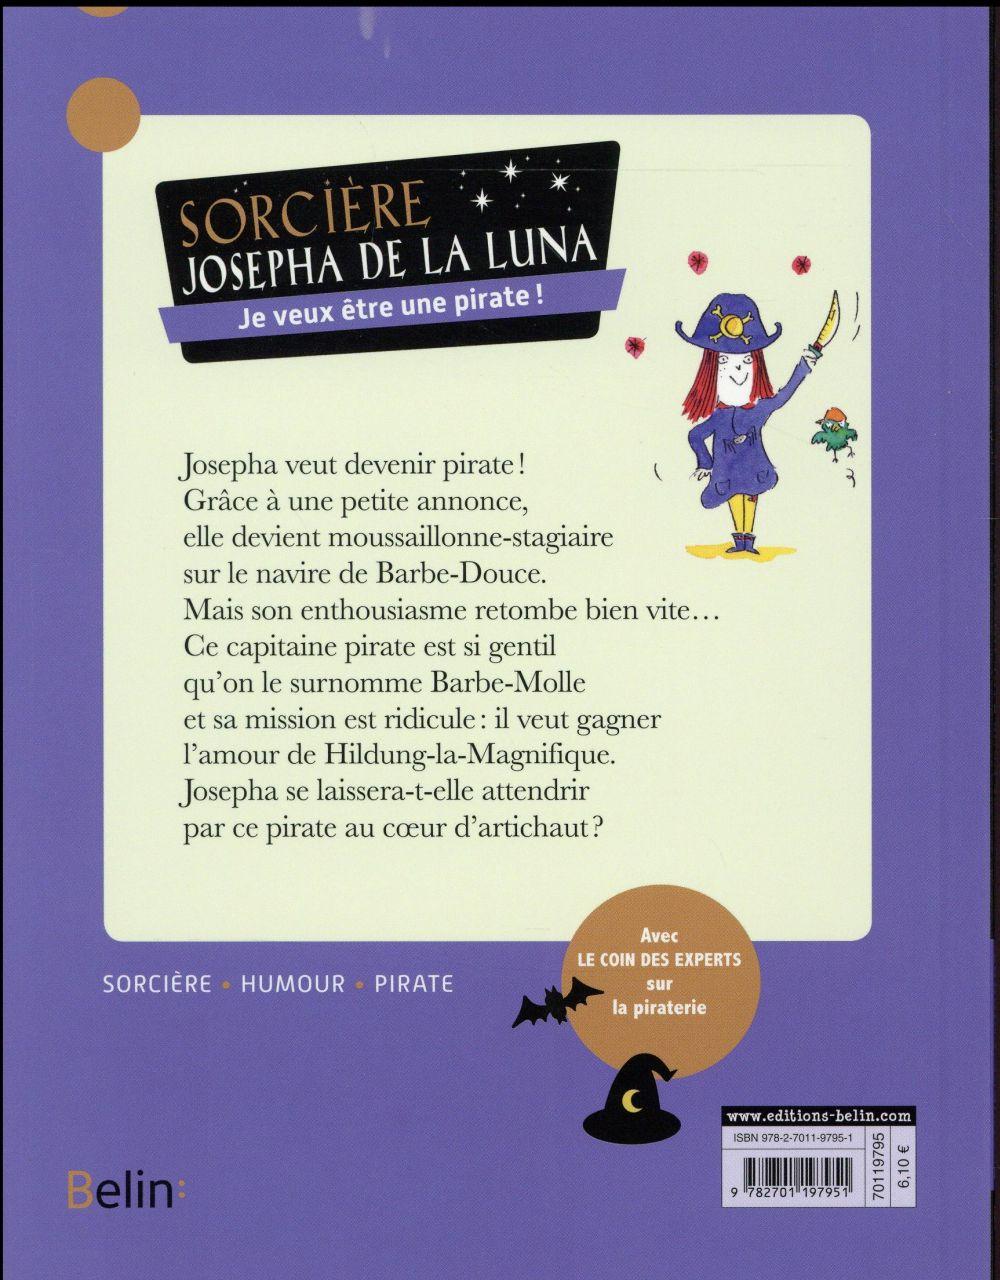 Sorcière Josepha de la Luna ; je veux être une pirate !